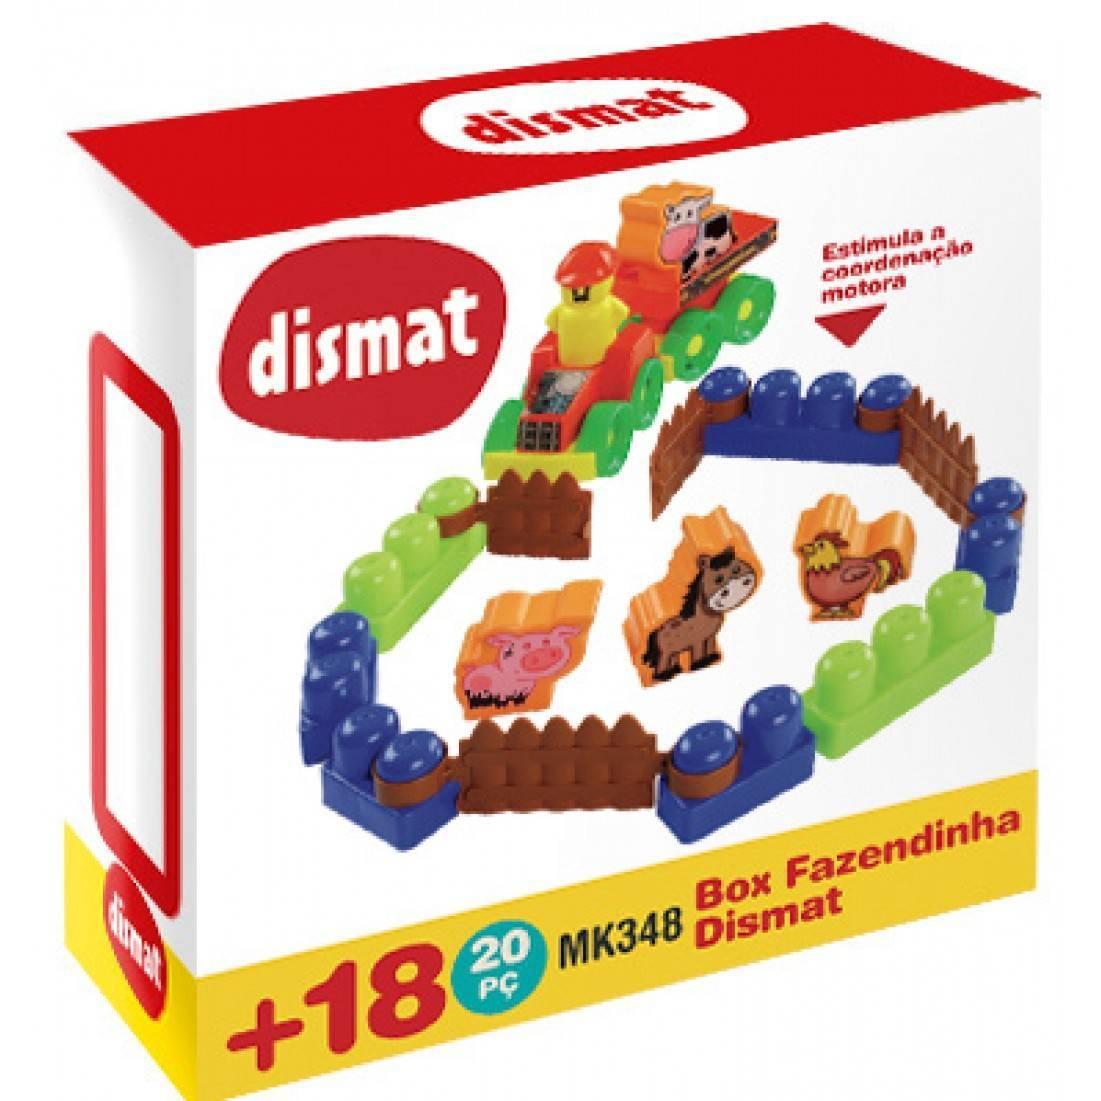 Box Fazendinha - Dismat MK348 - Noy Brinquedos